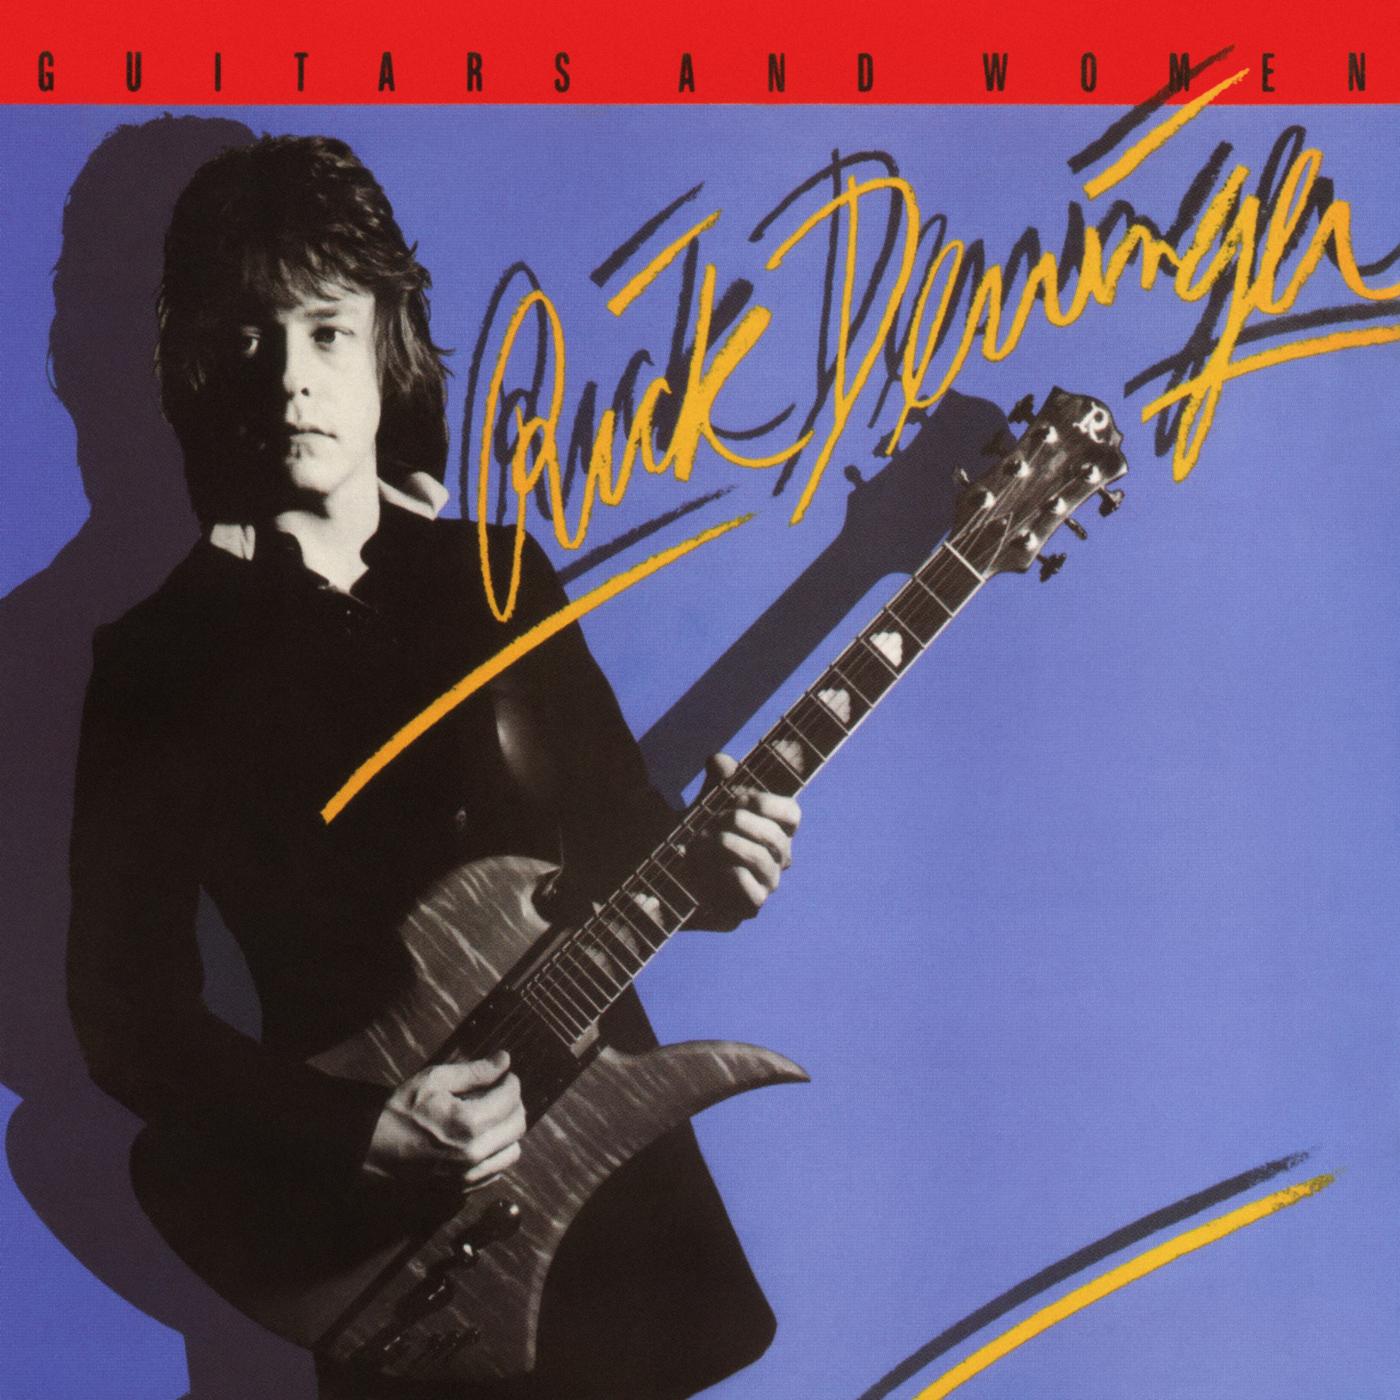 Guitars and Women - Rick Derringer